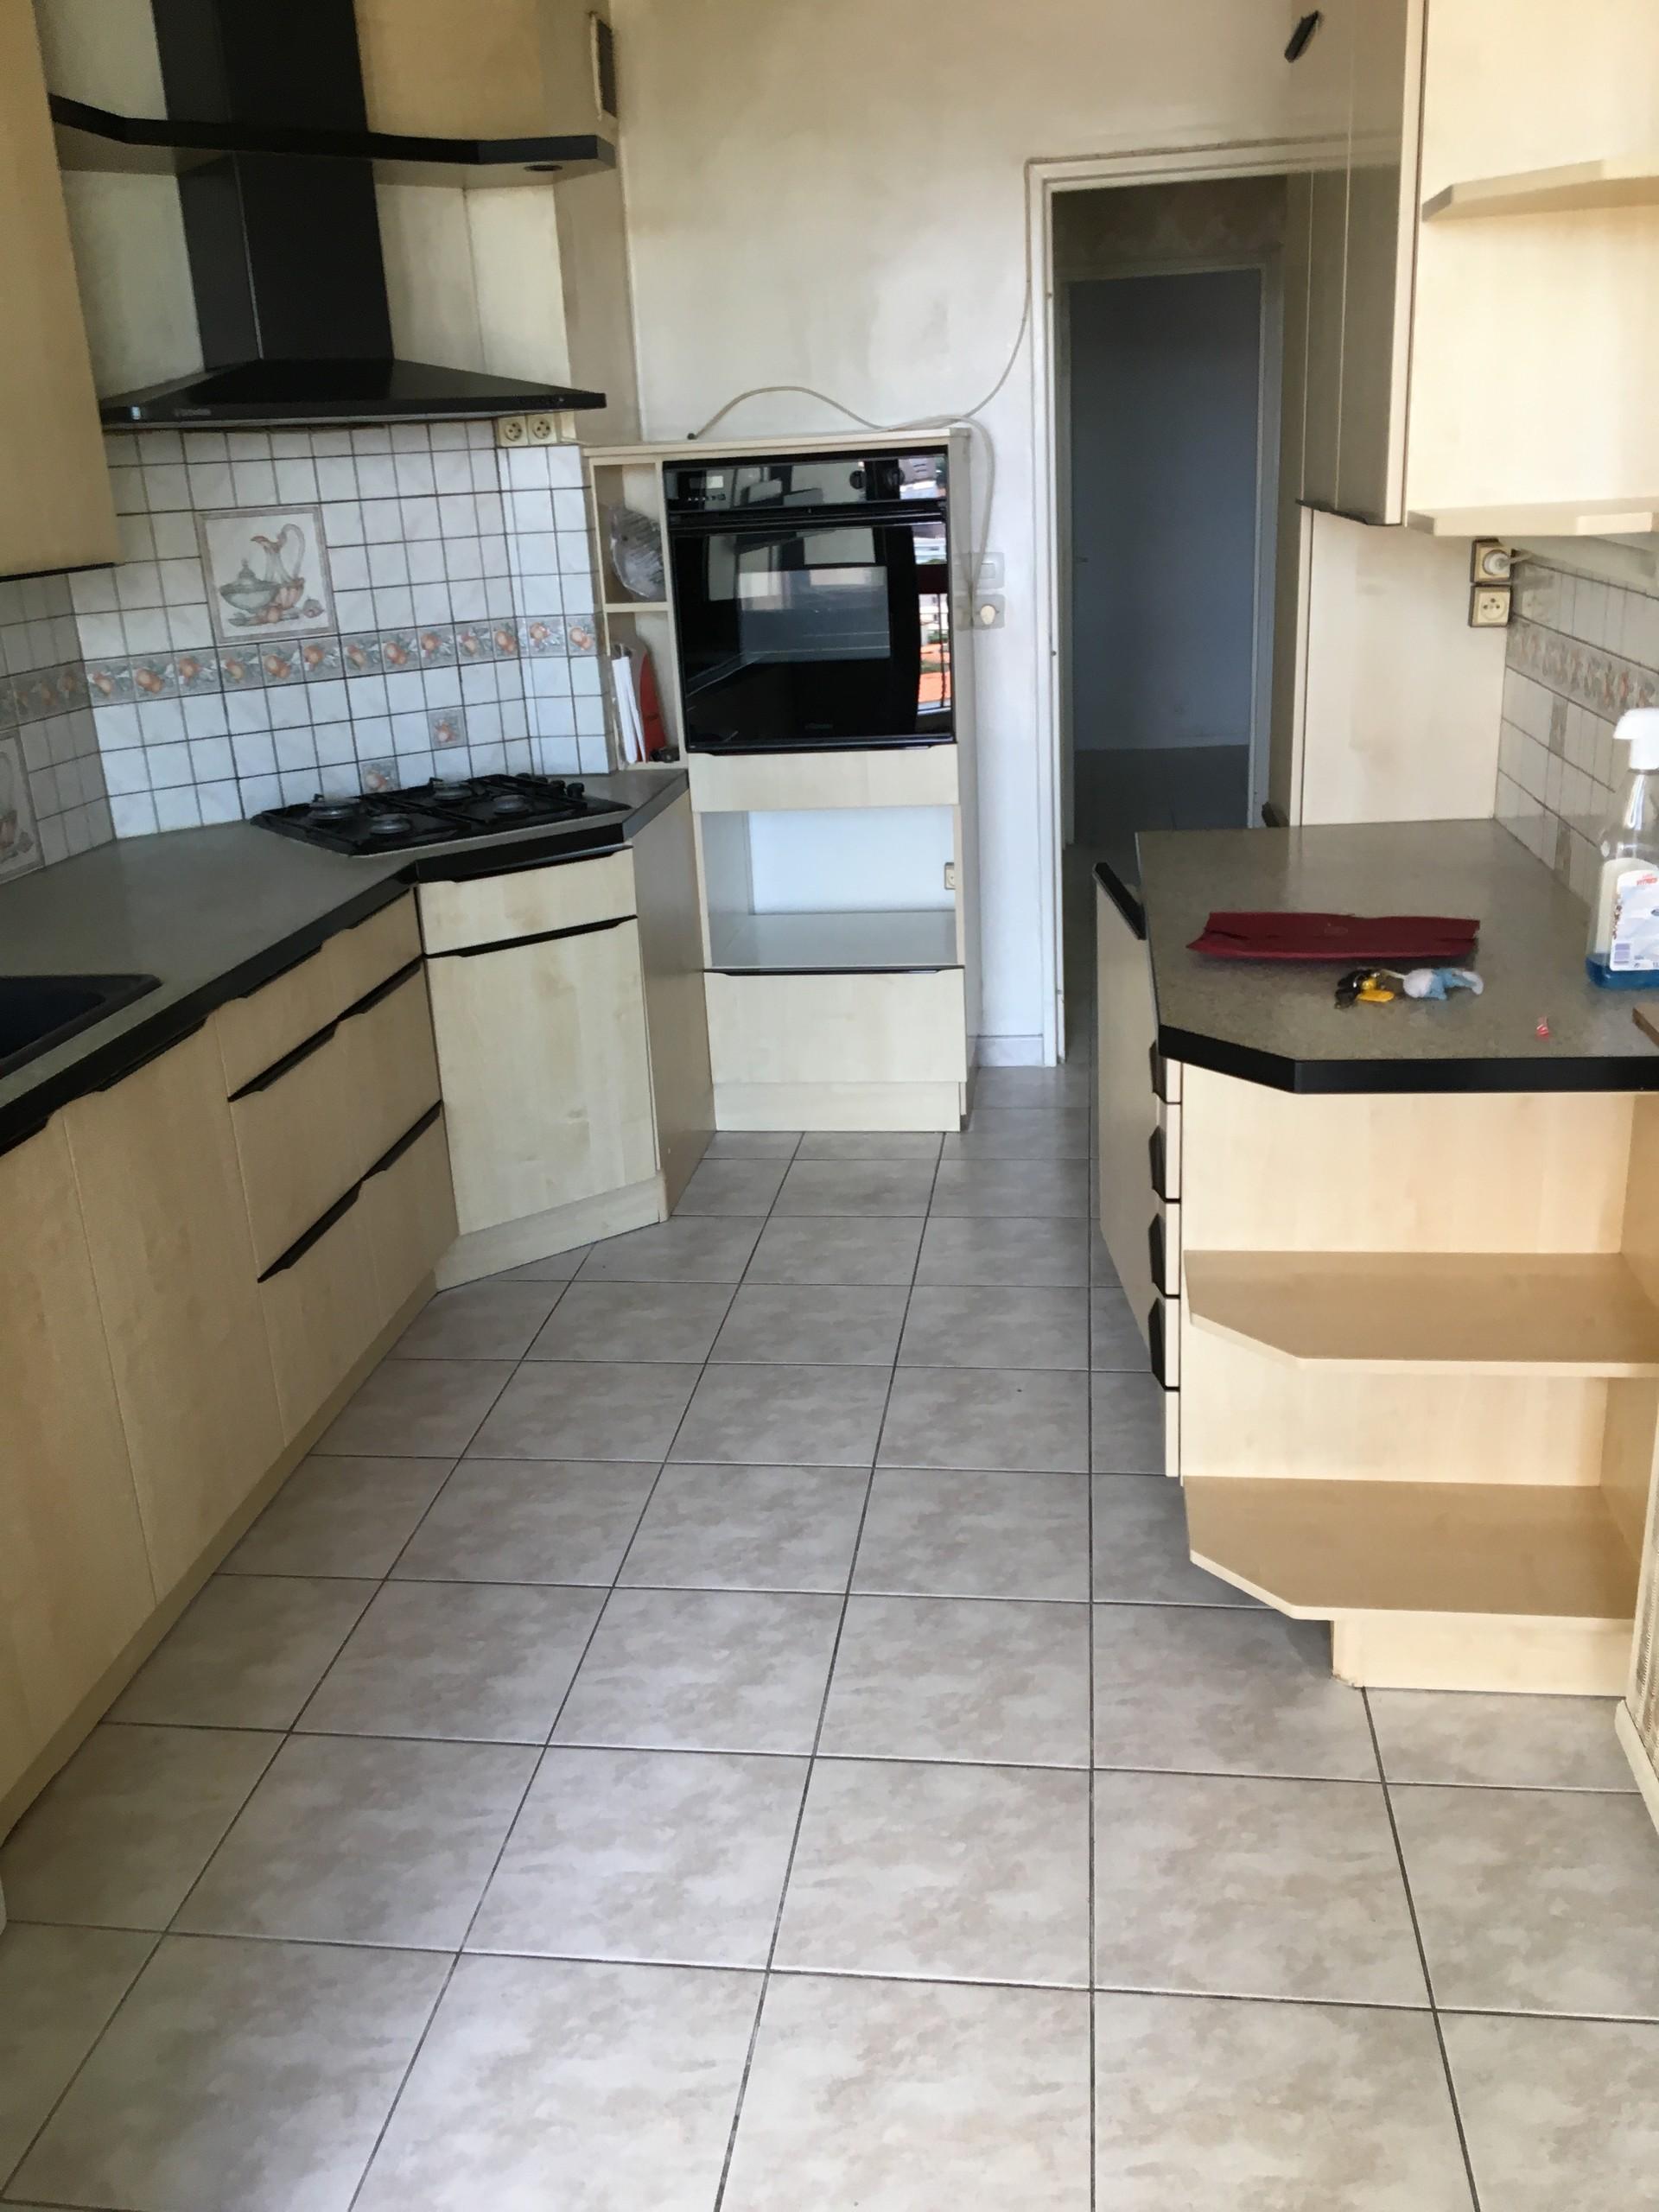 bedroom-in-a-flatsharing-85m-7f5fe665e03613fc1986d2ccab1e7a87